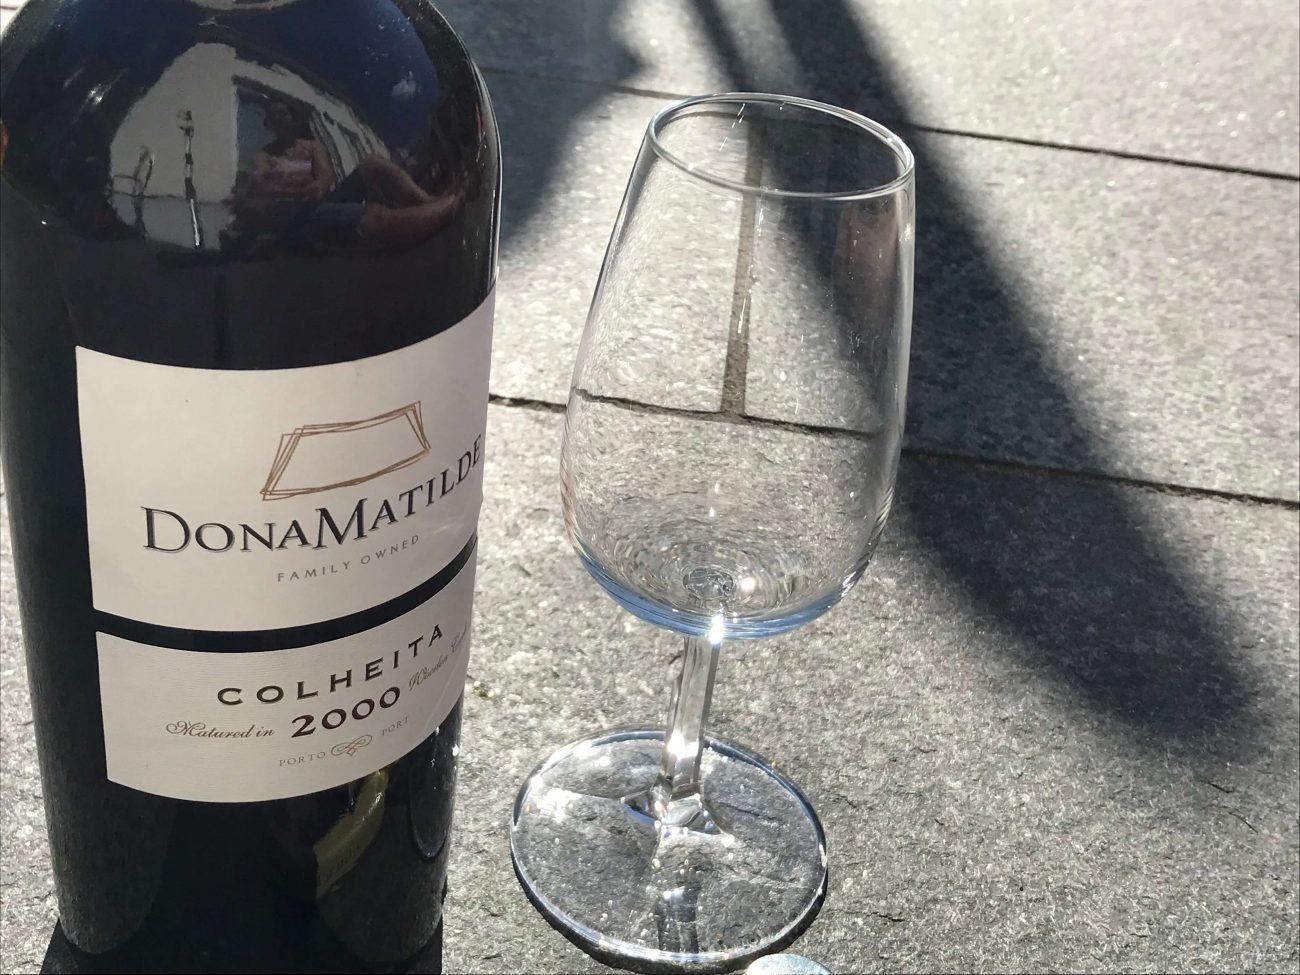 Portugal Fussballweltmeisterschaft Portwein trinken Dona Matilde Colheita 2000